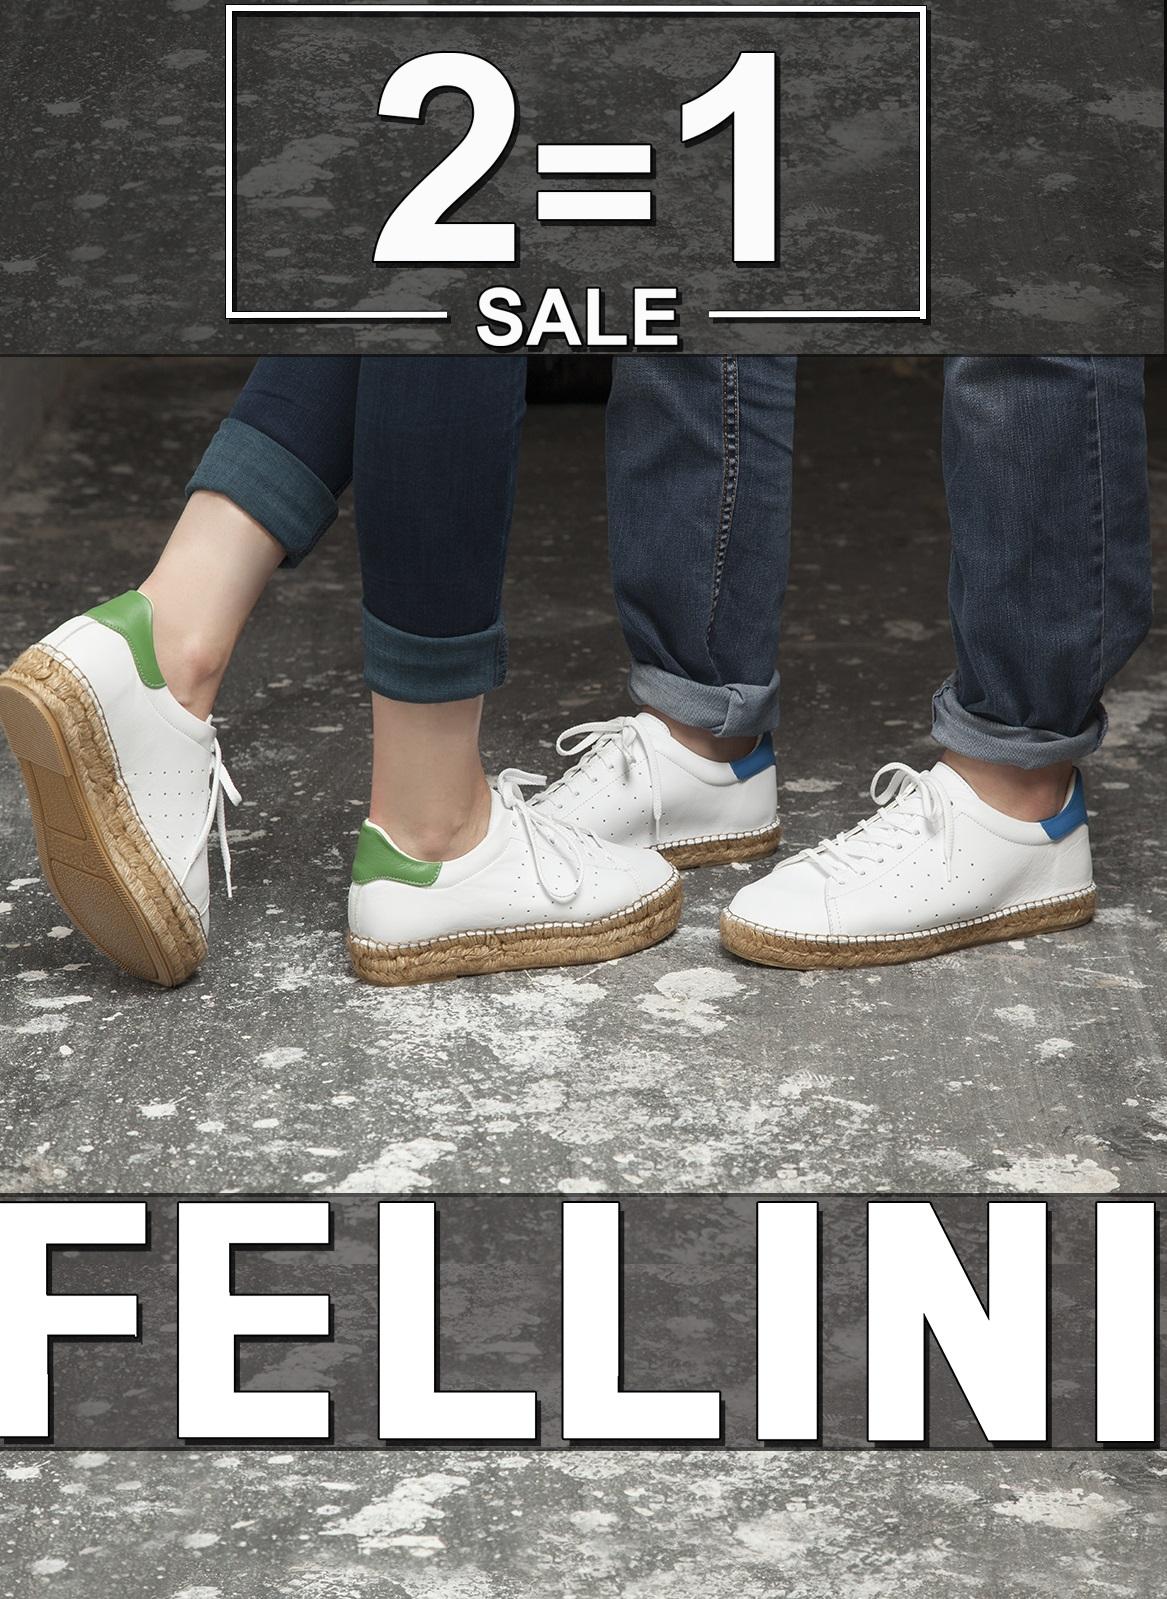 Два товара по цене одного в магазине итальянской обуви и сумок Fellini!